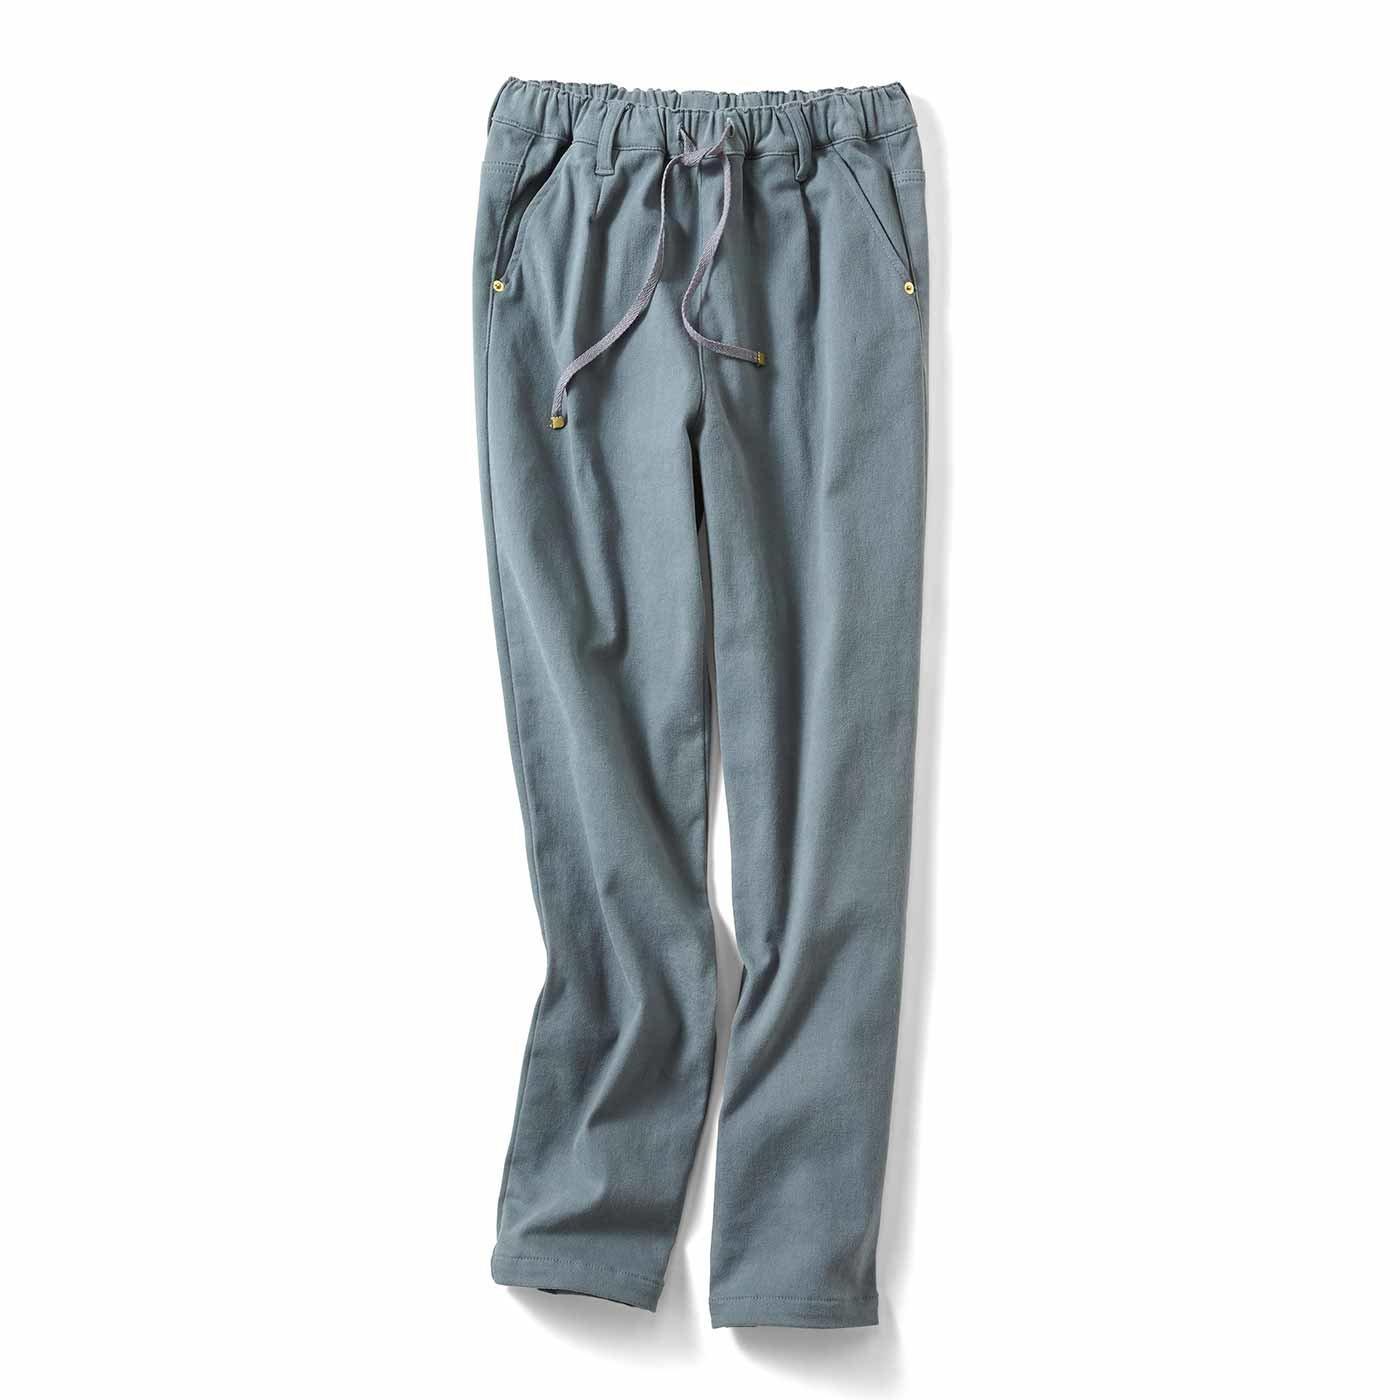 リブ イン コンフォート あったかパンツの新定番! 両面微起毛のやさしいねパンツ〈ブルーグレー〉